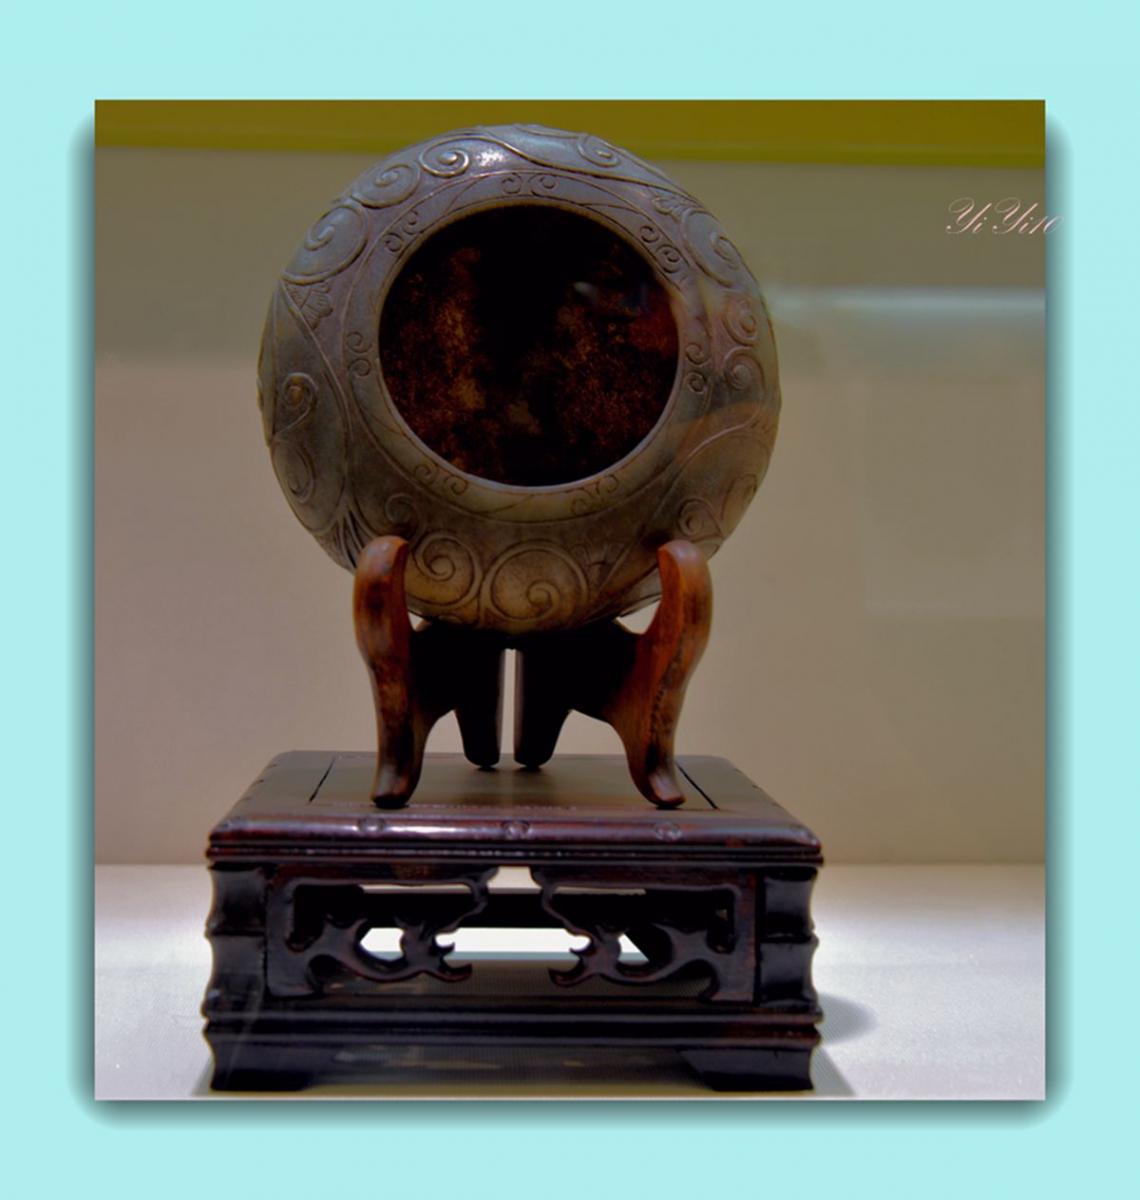 【原创】玉石雕刻(摄影)_图1-18